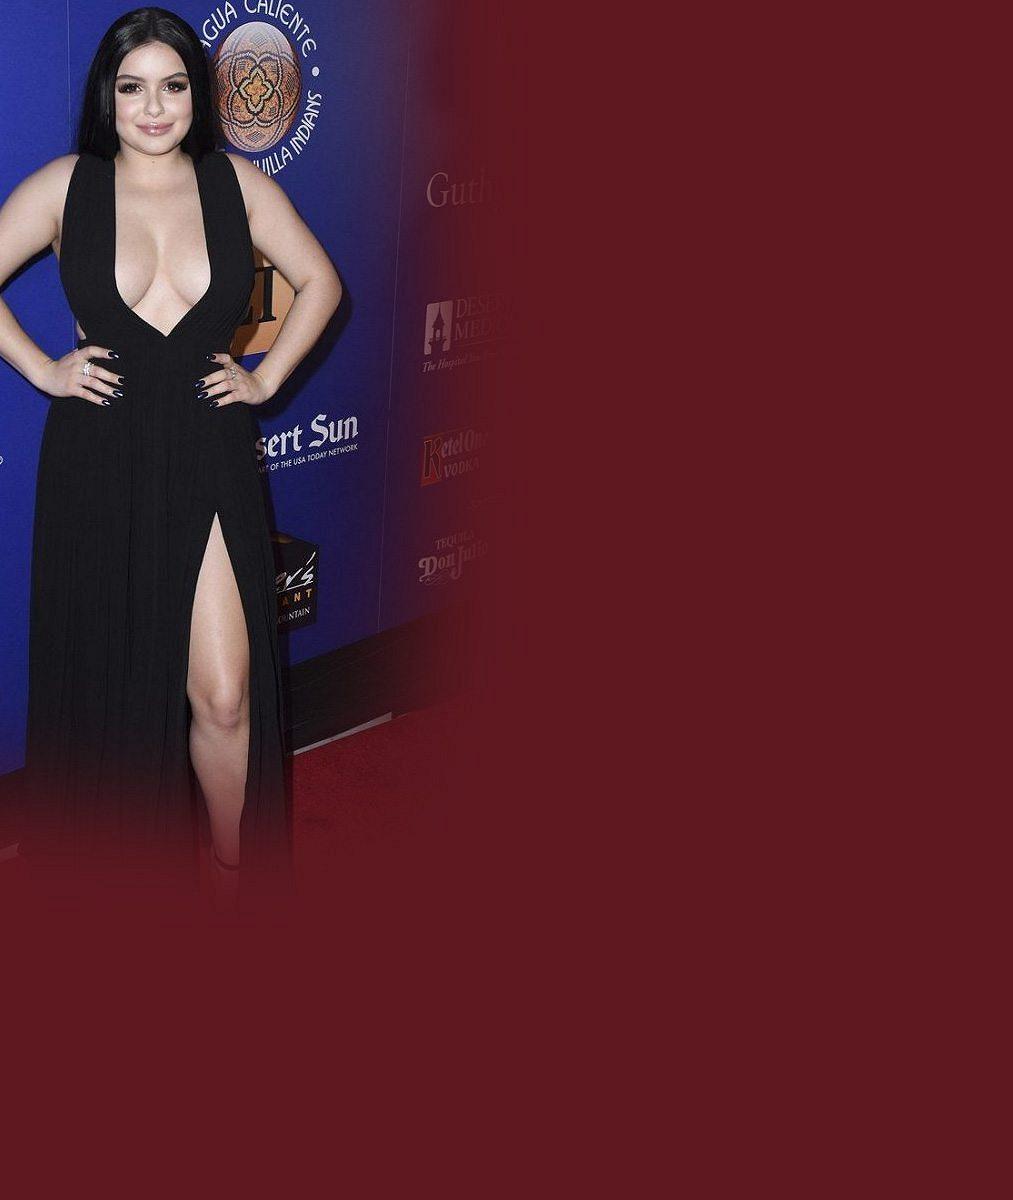 Seriálová herečka (19) ukázala v šatech s obřím výstřihem téměř celá ňadra: A to už je má o dvě čísla menší